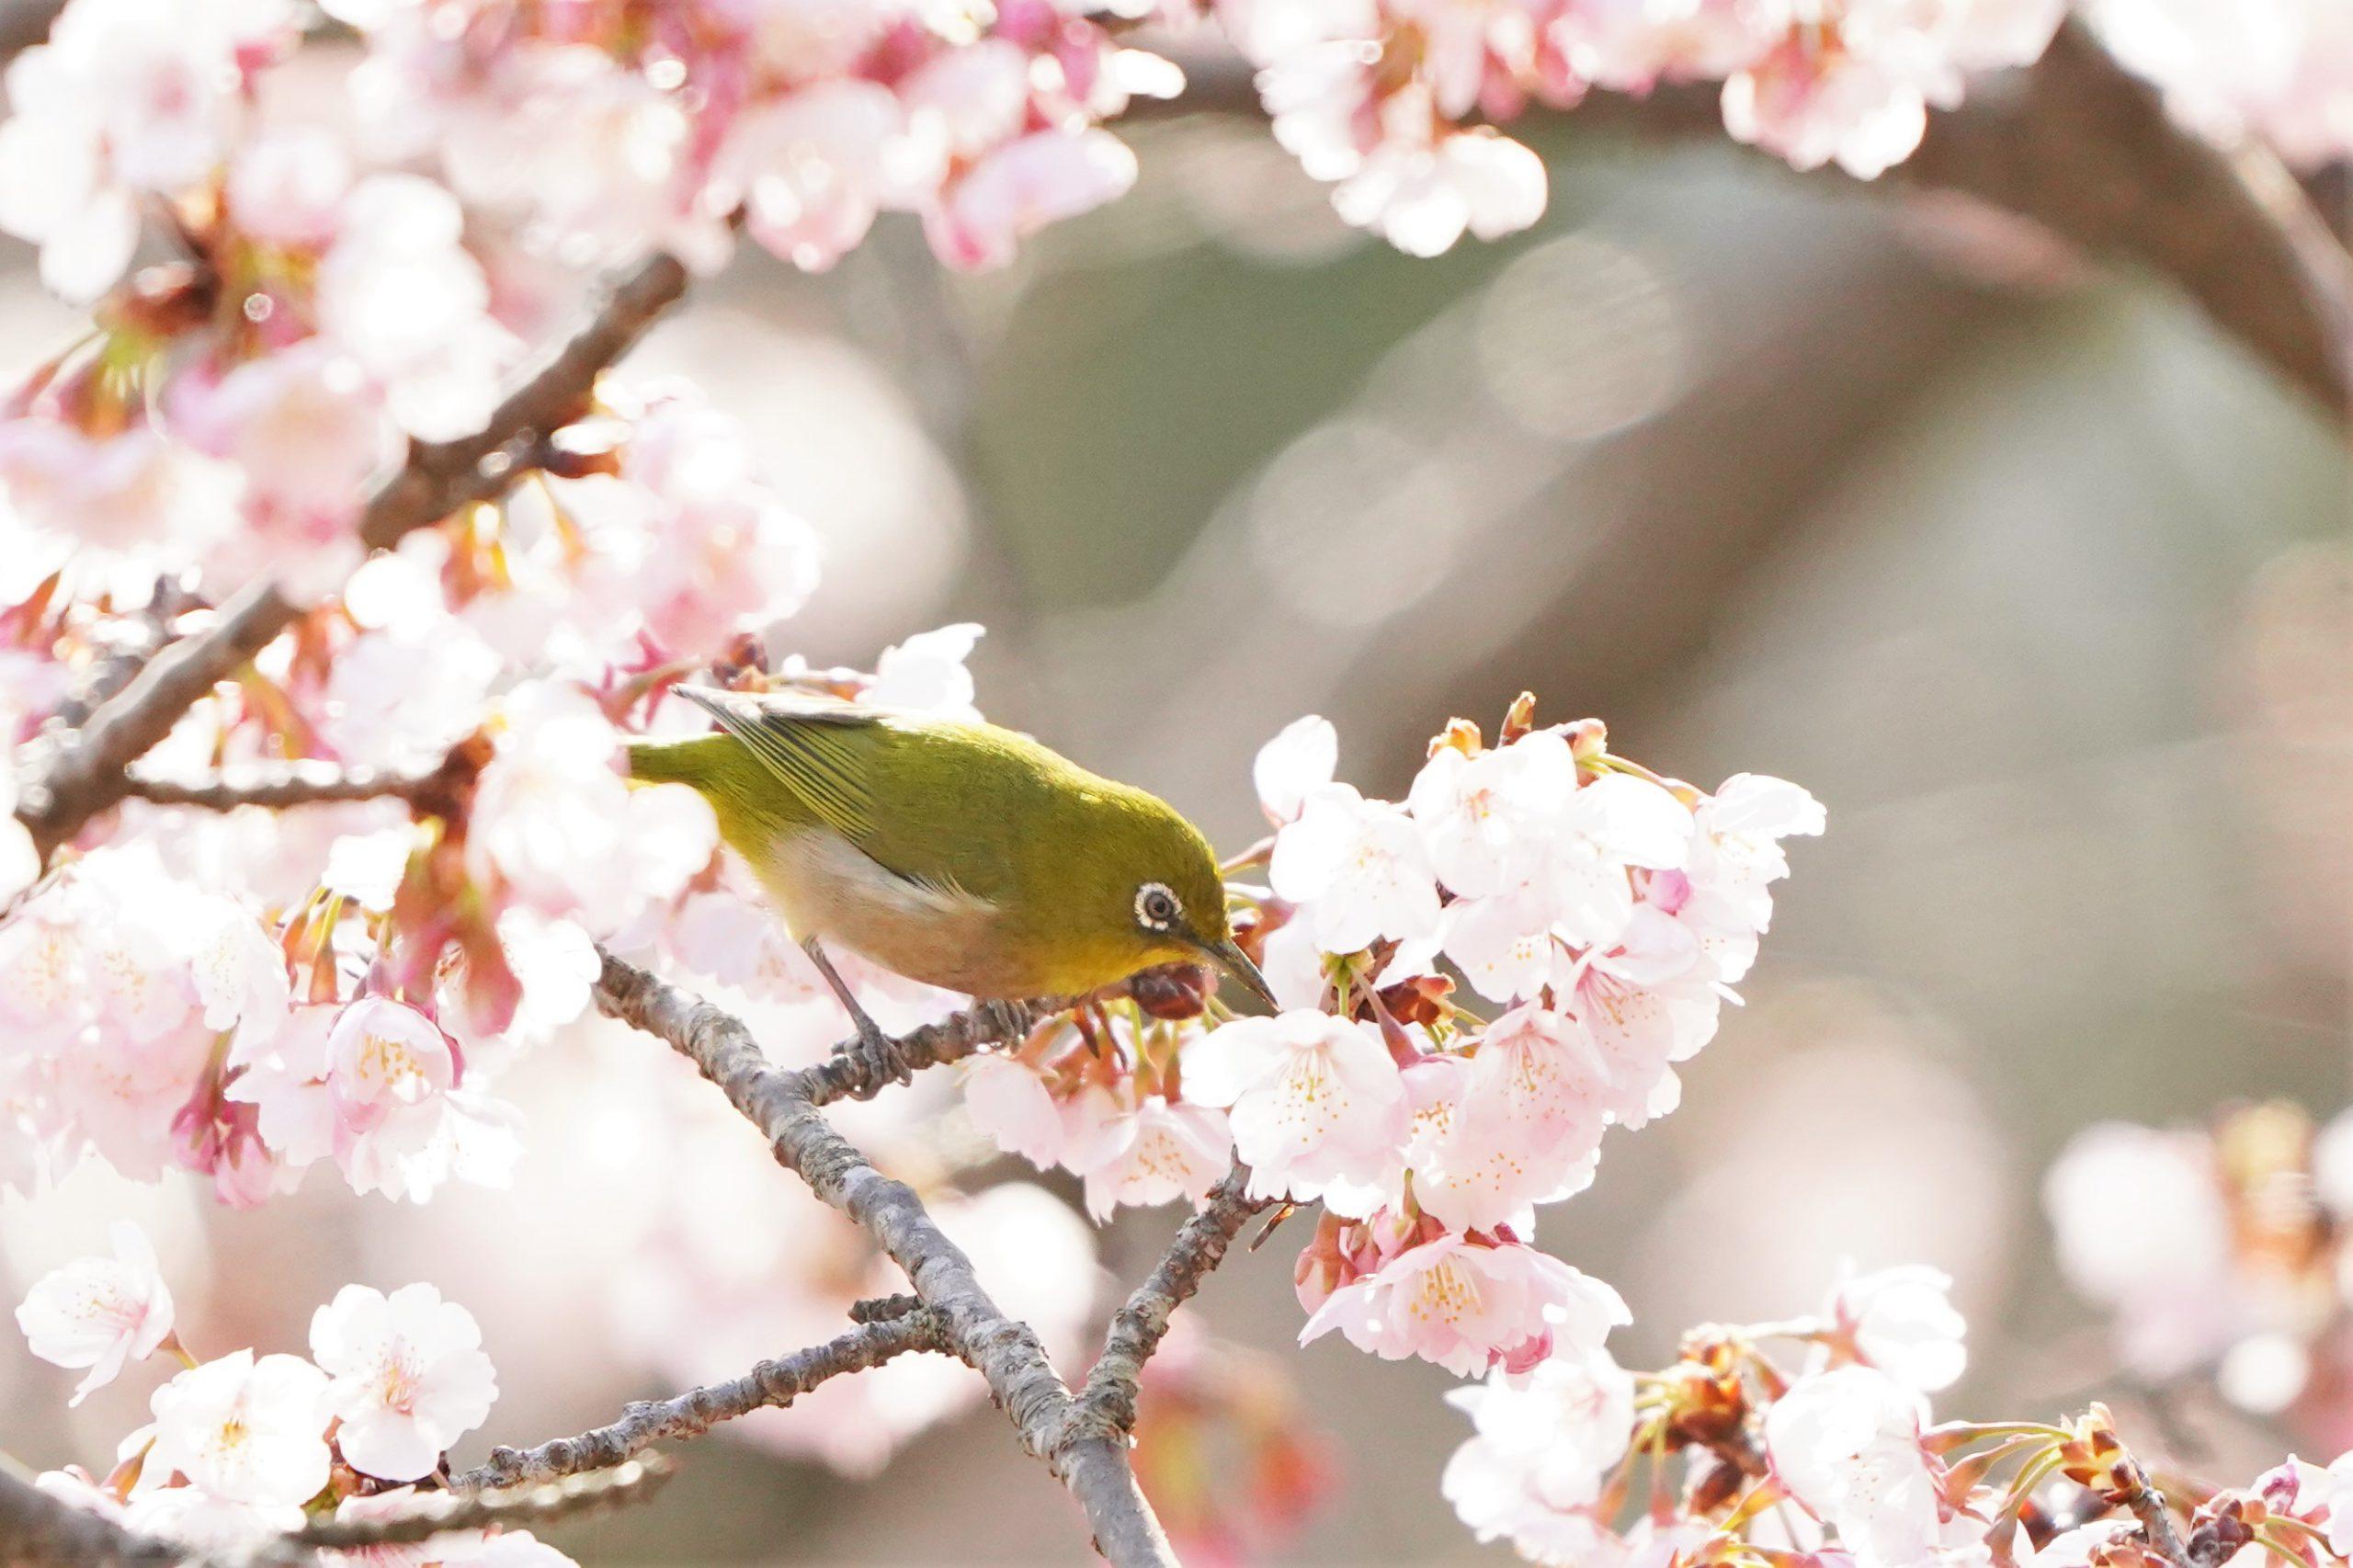 待ちわびた春味 3月20日は「春分の日」 寒桜に野鳥群がる | 丹波新聞